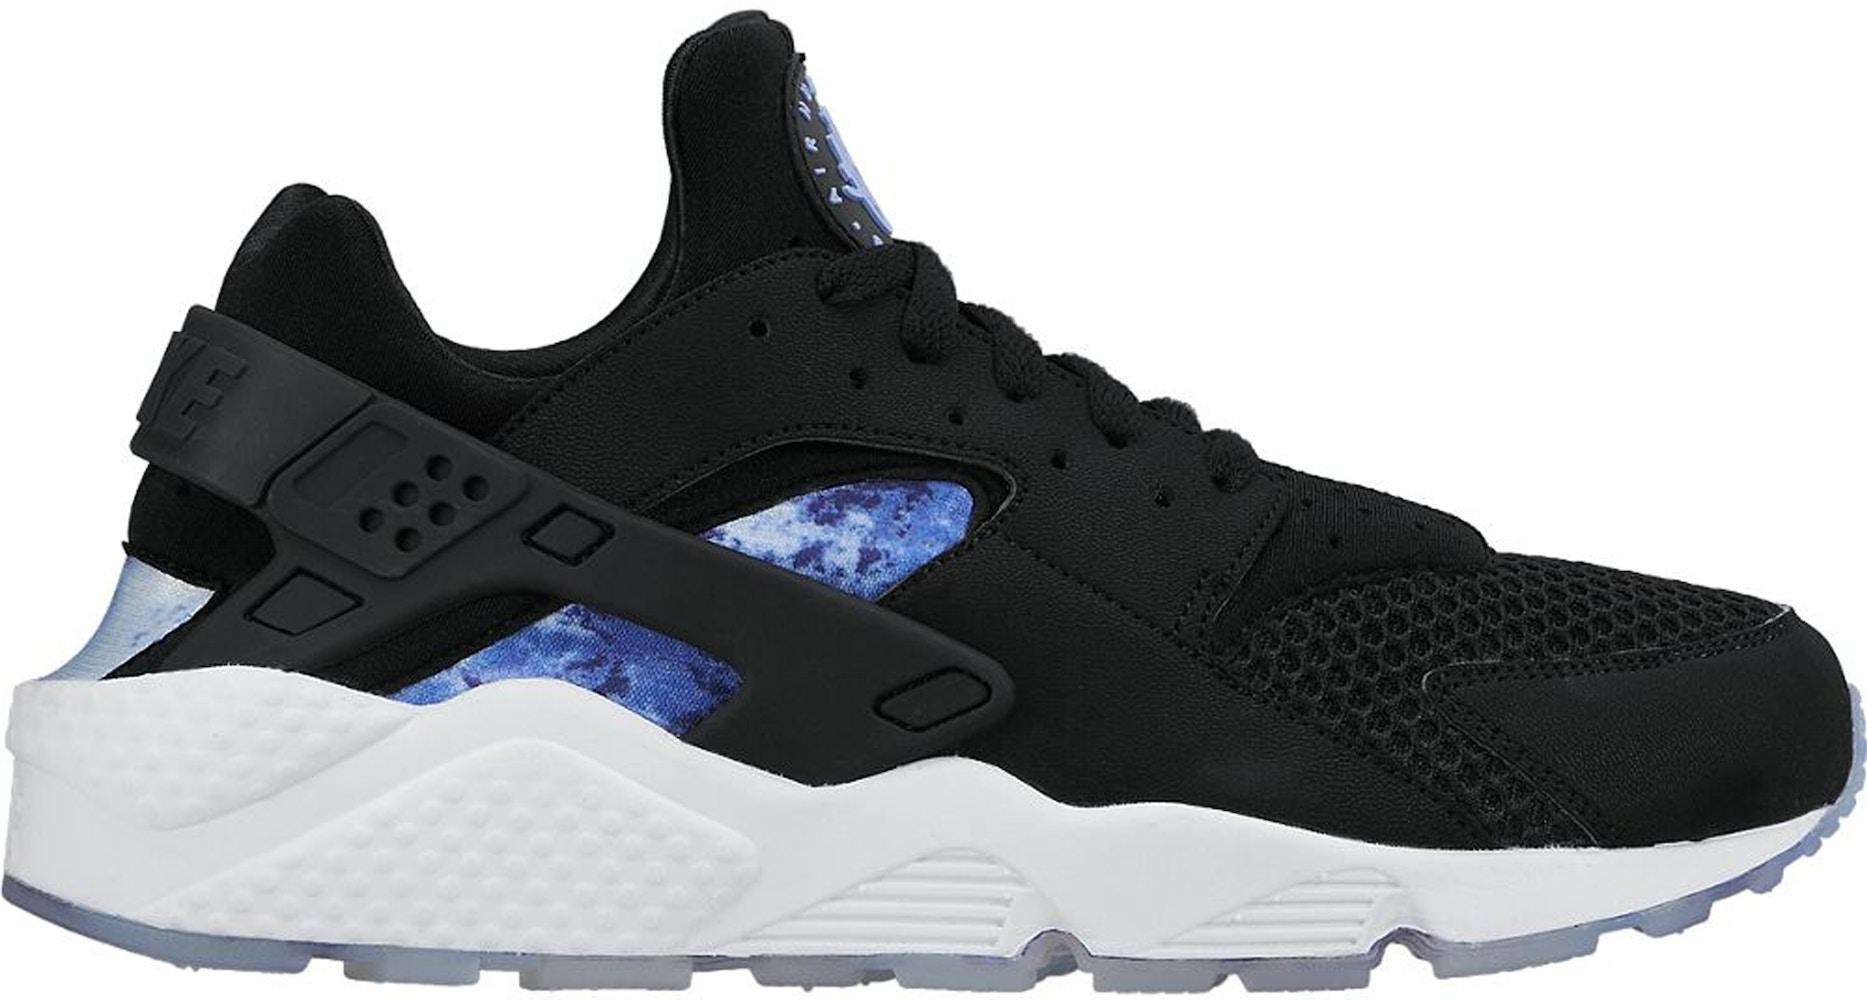 Nike Air Huarache Run Black Persian Violet Aluminum - 724764-004